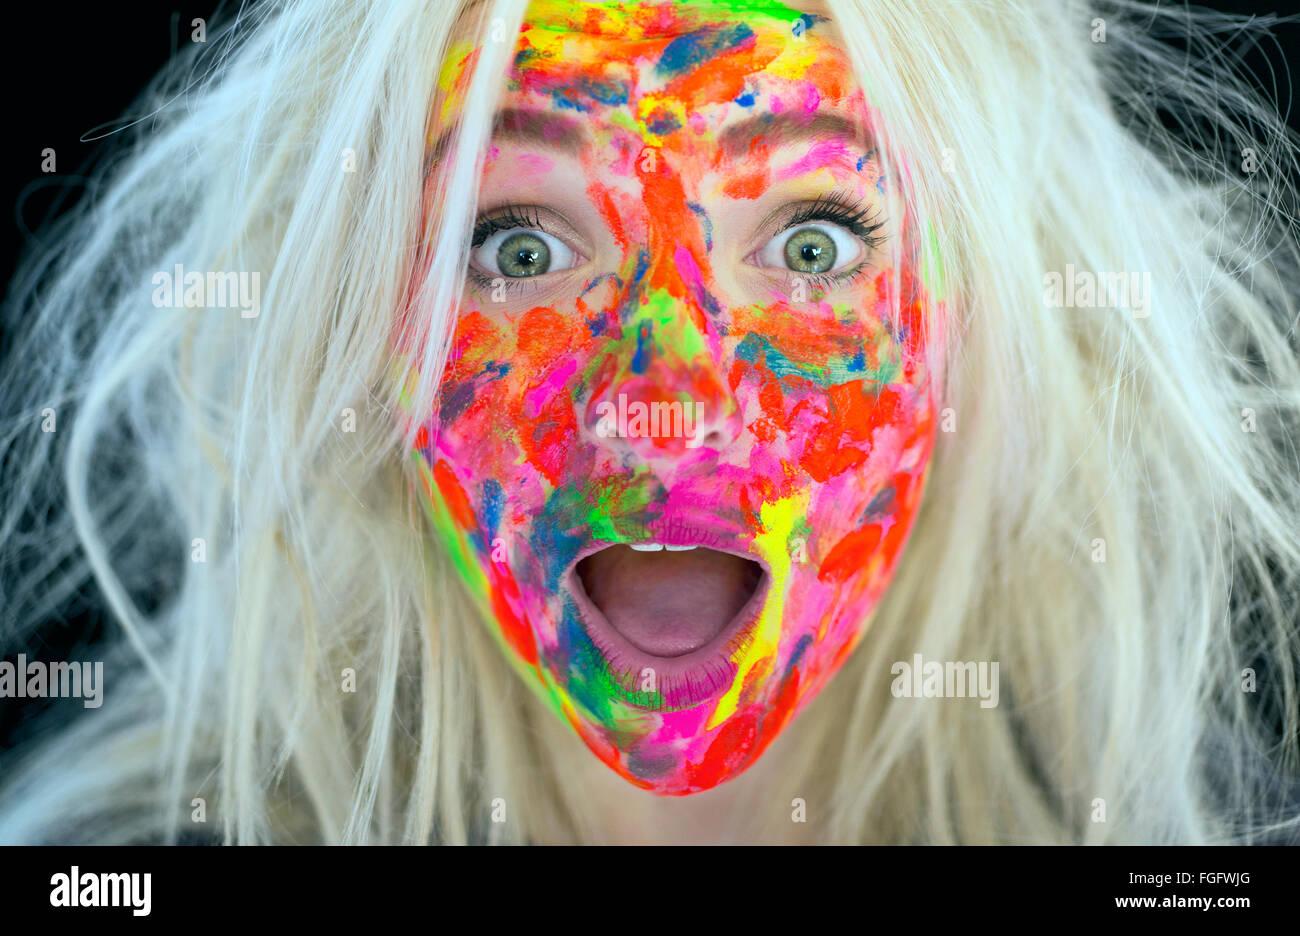 Donna con disordinati capelli biondi e la faccia coperta in multi vernice colorata con un espressione di sorpresa Immagini Stock